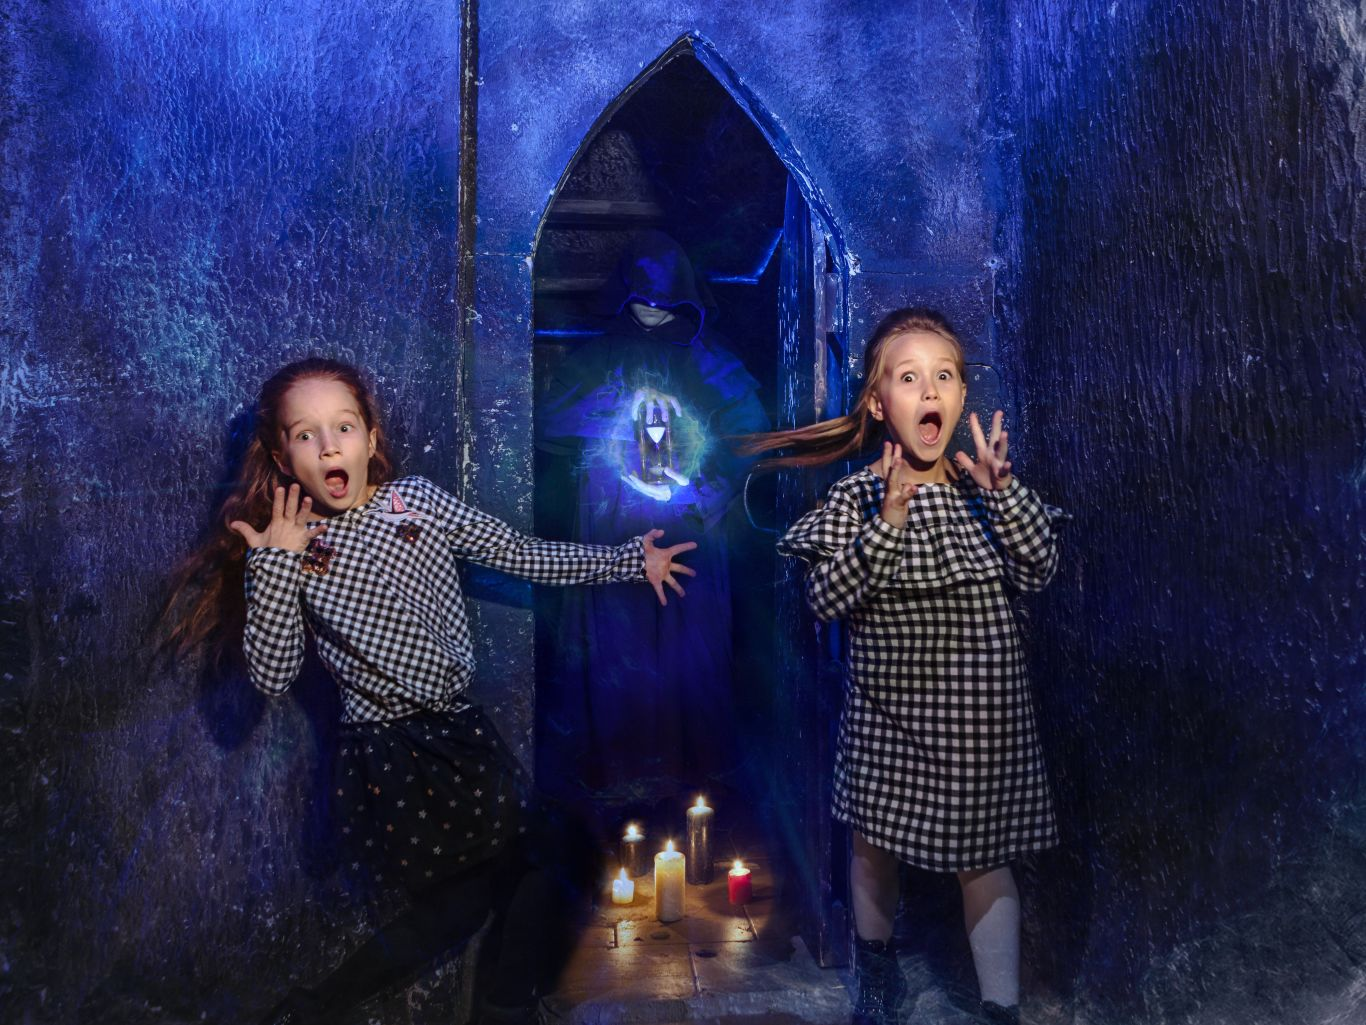 Квест В поисках сокровищ: Аноматор с фонарем